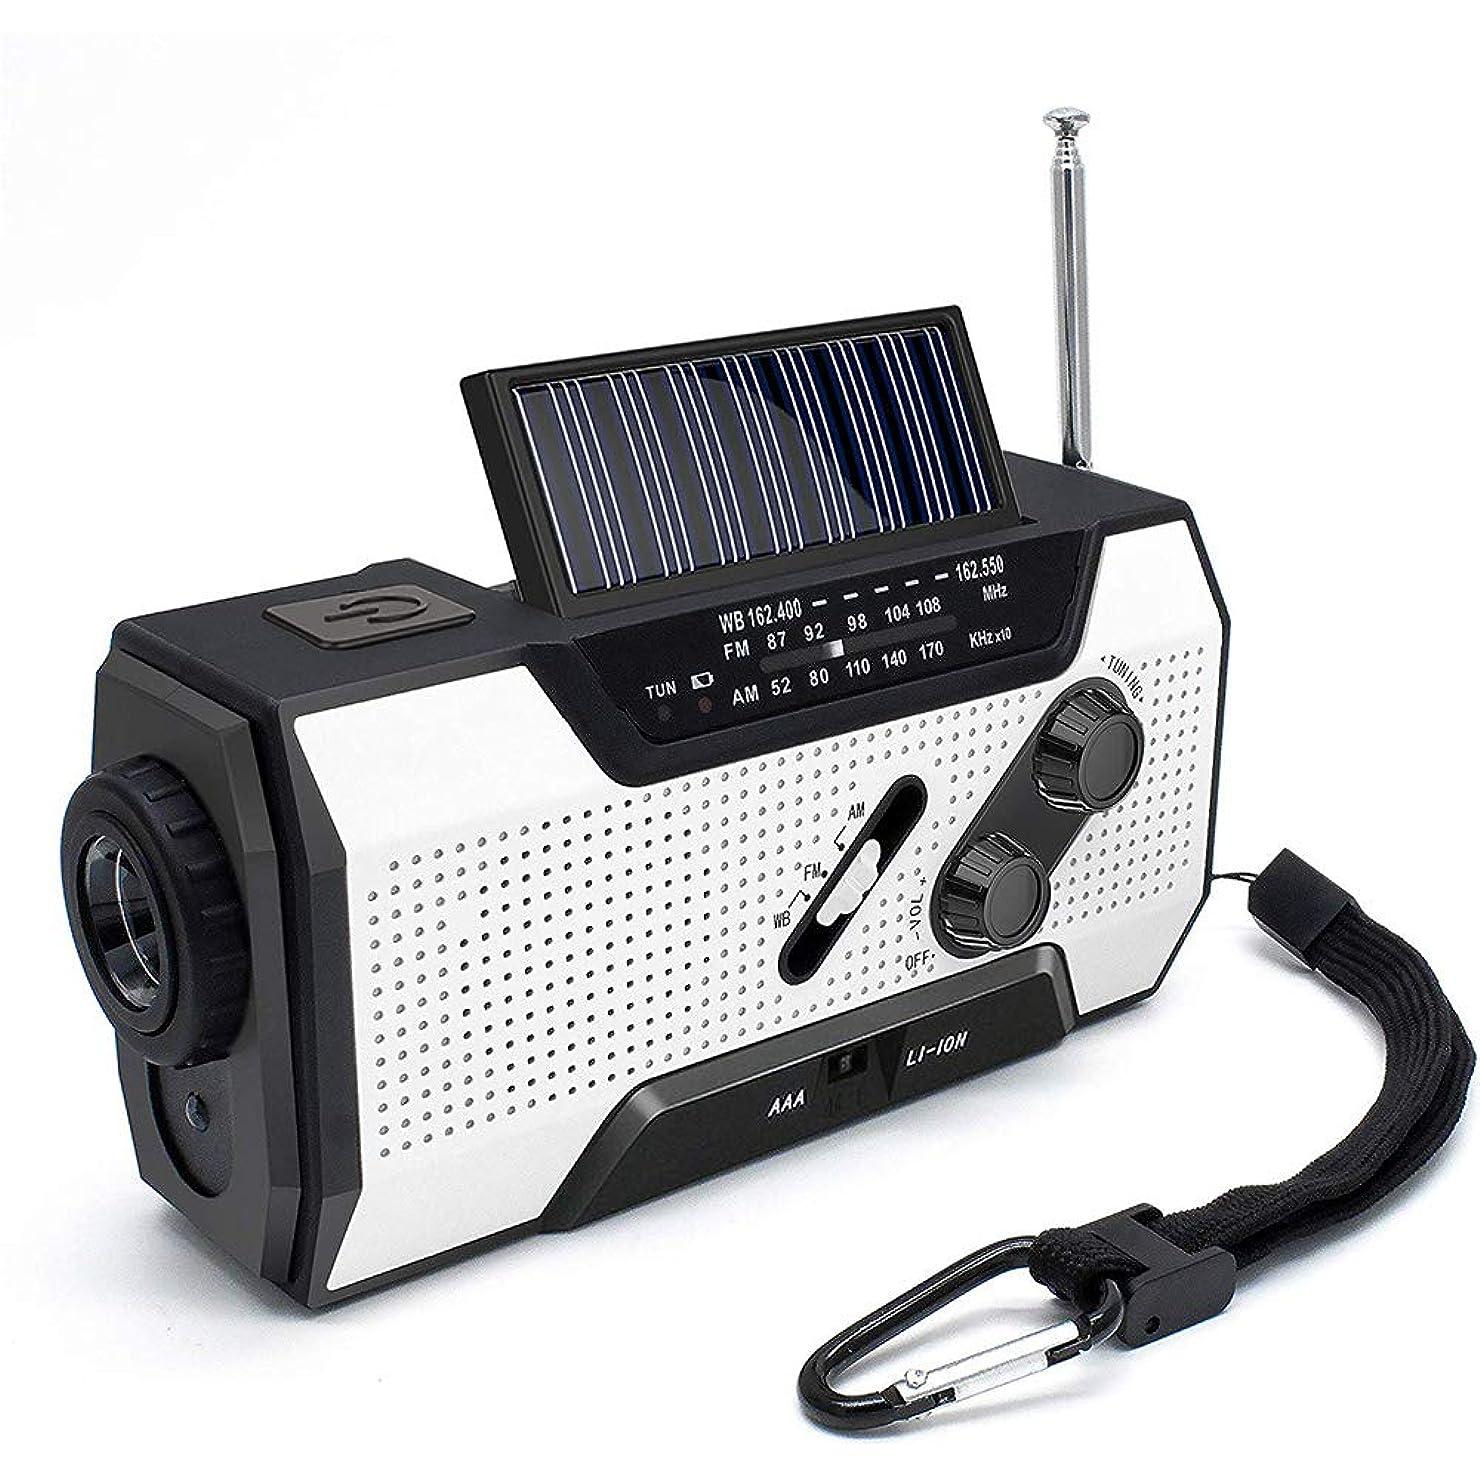 付添人代名詞バー緊急ソーラーハンドクランクポータブルラジオ、家庭用および屋外の緊急用のAM/FM/NOAA気象ラジオ、LED懐中電灯、およびSOSアラーム付き